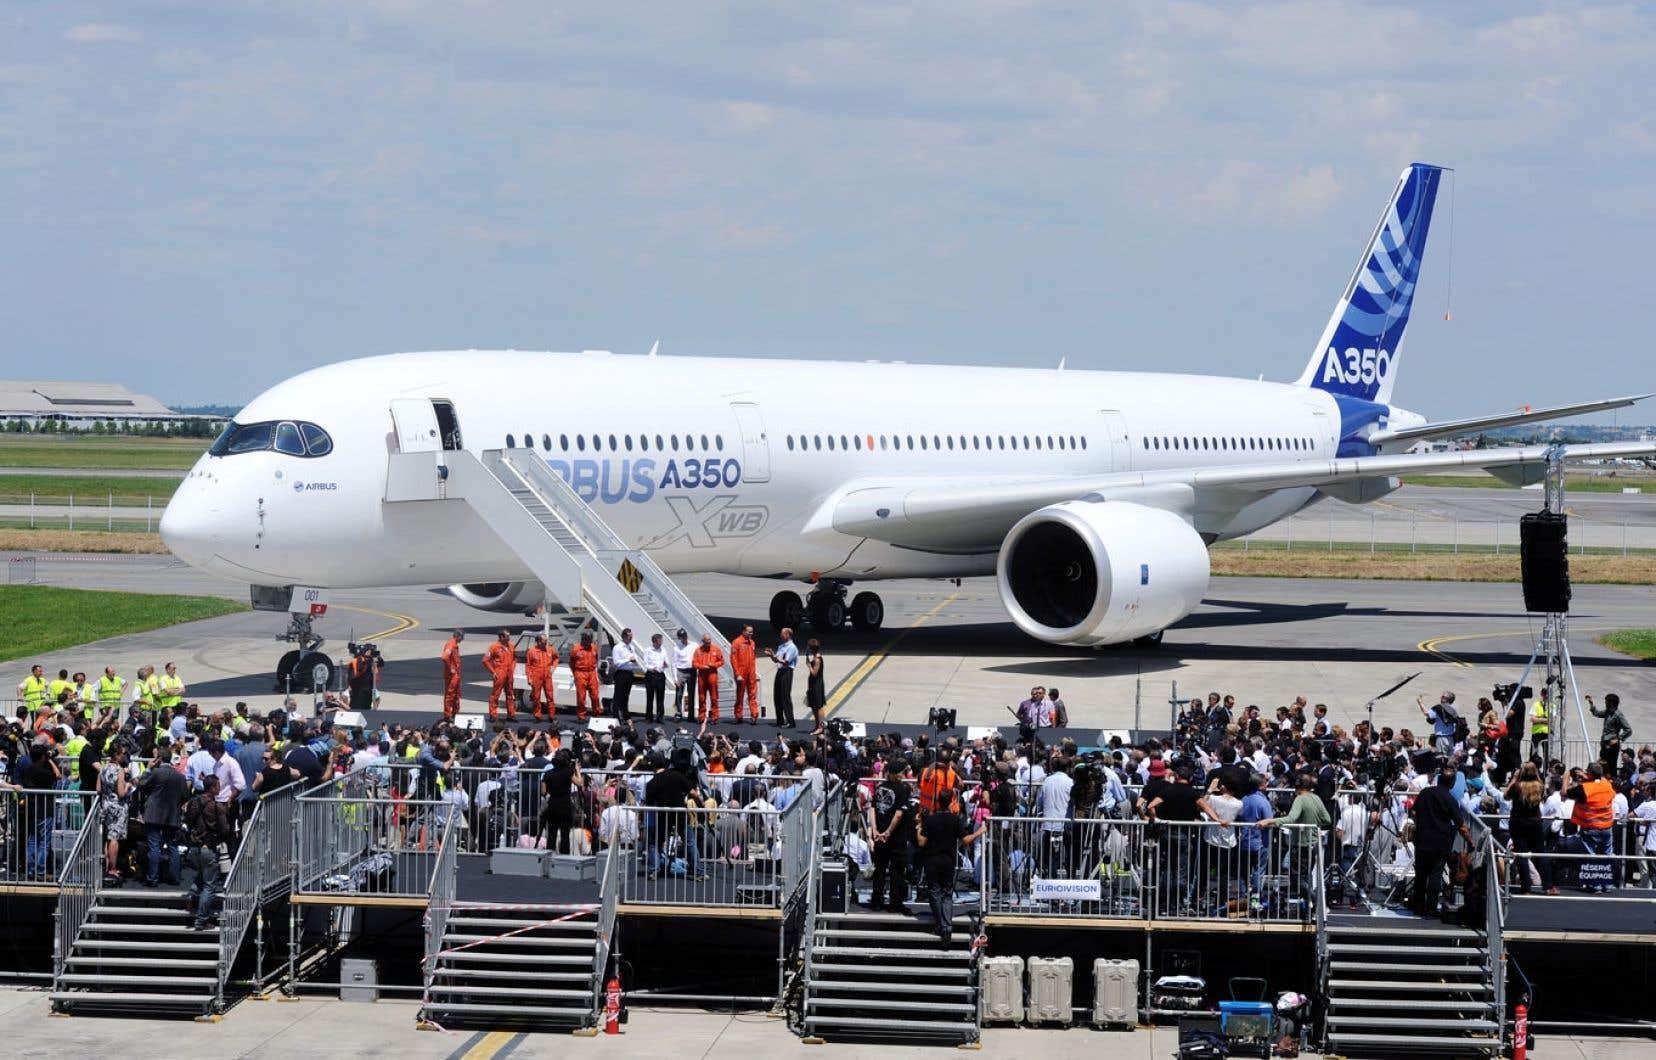 L'A350 a effectué son premier vol vendredi dernier. Son ombre pourrait s'étendre littéralement sur Le Bourget avec un possible survol d'ici la fin du salon.